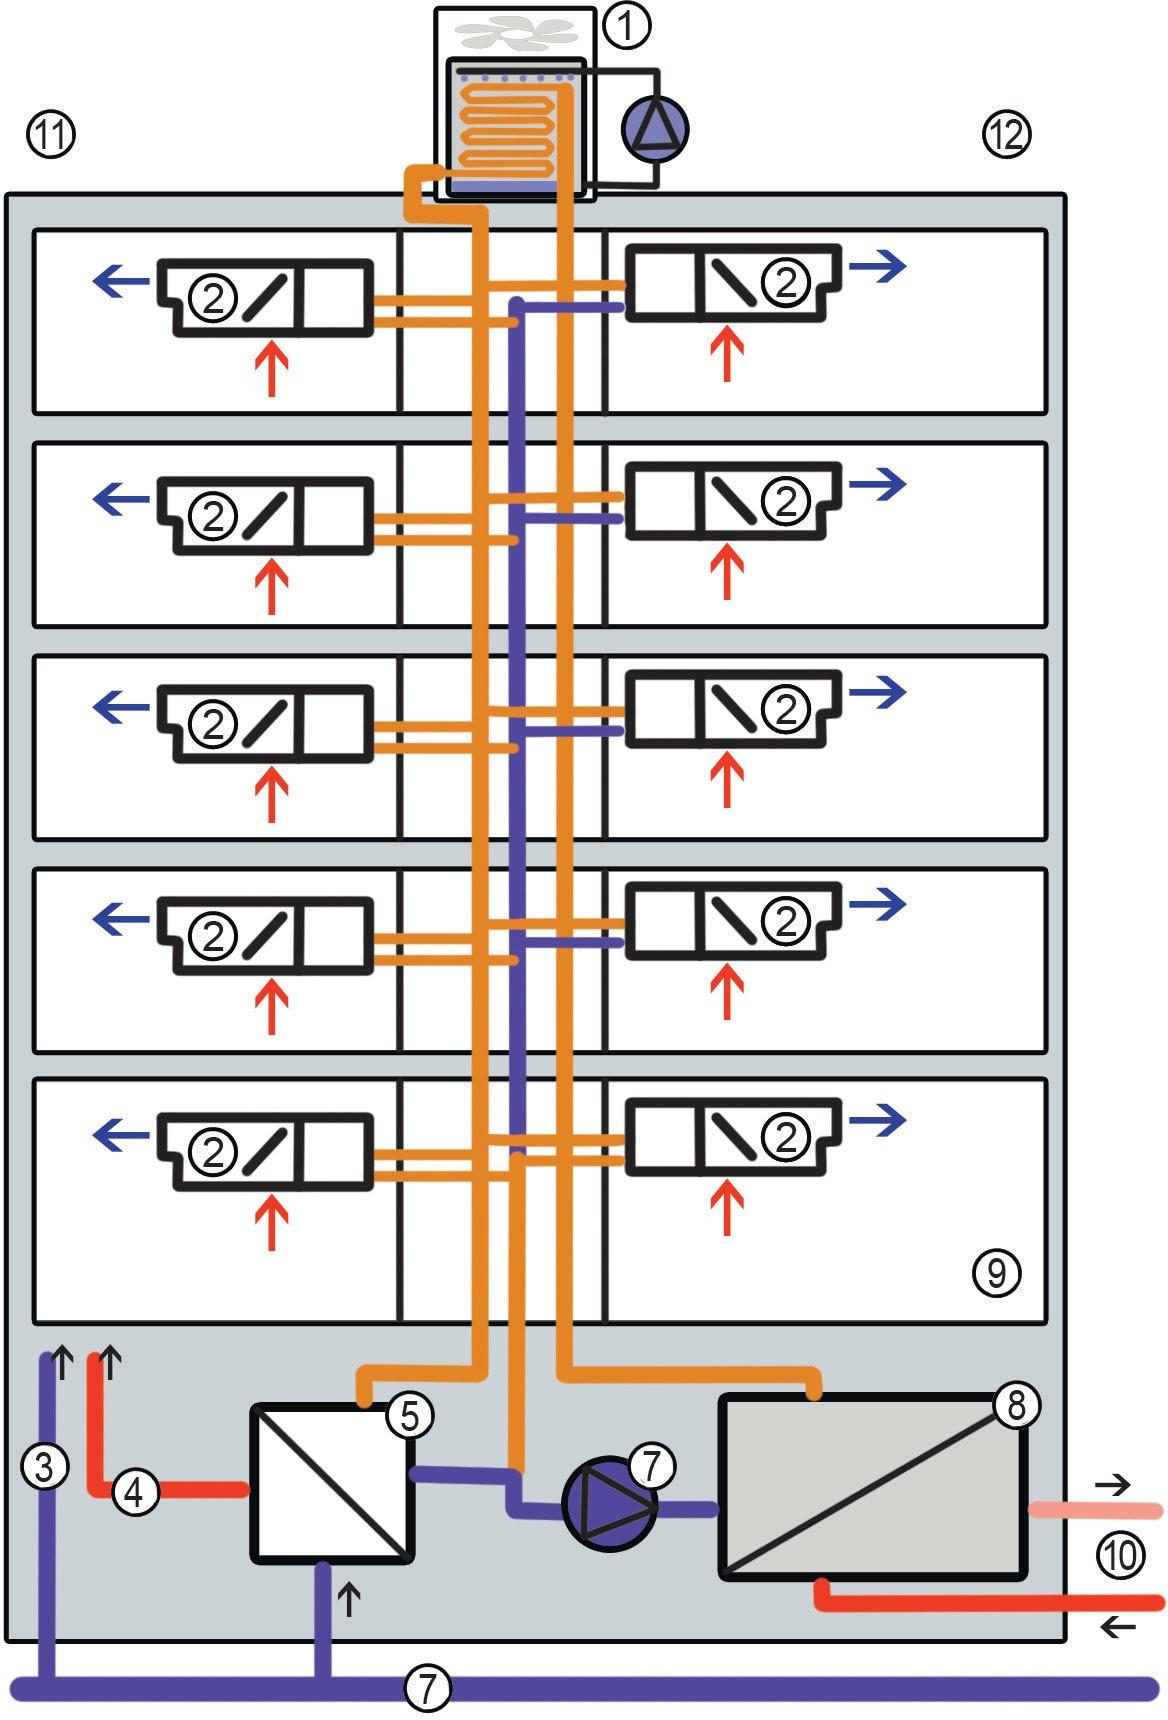 Кольцевой контур и городские системы водо- и теплоснабжения